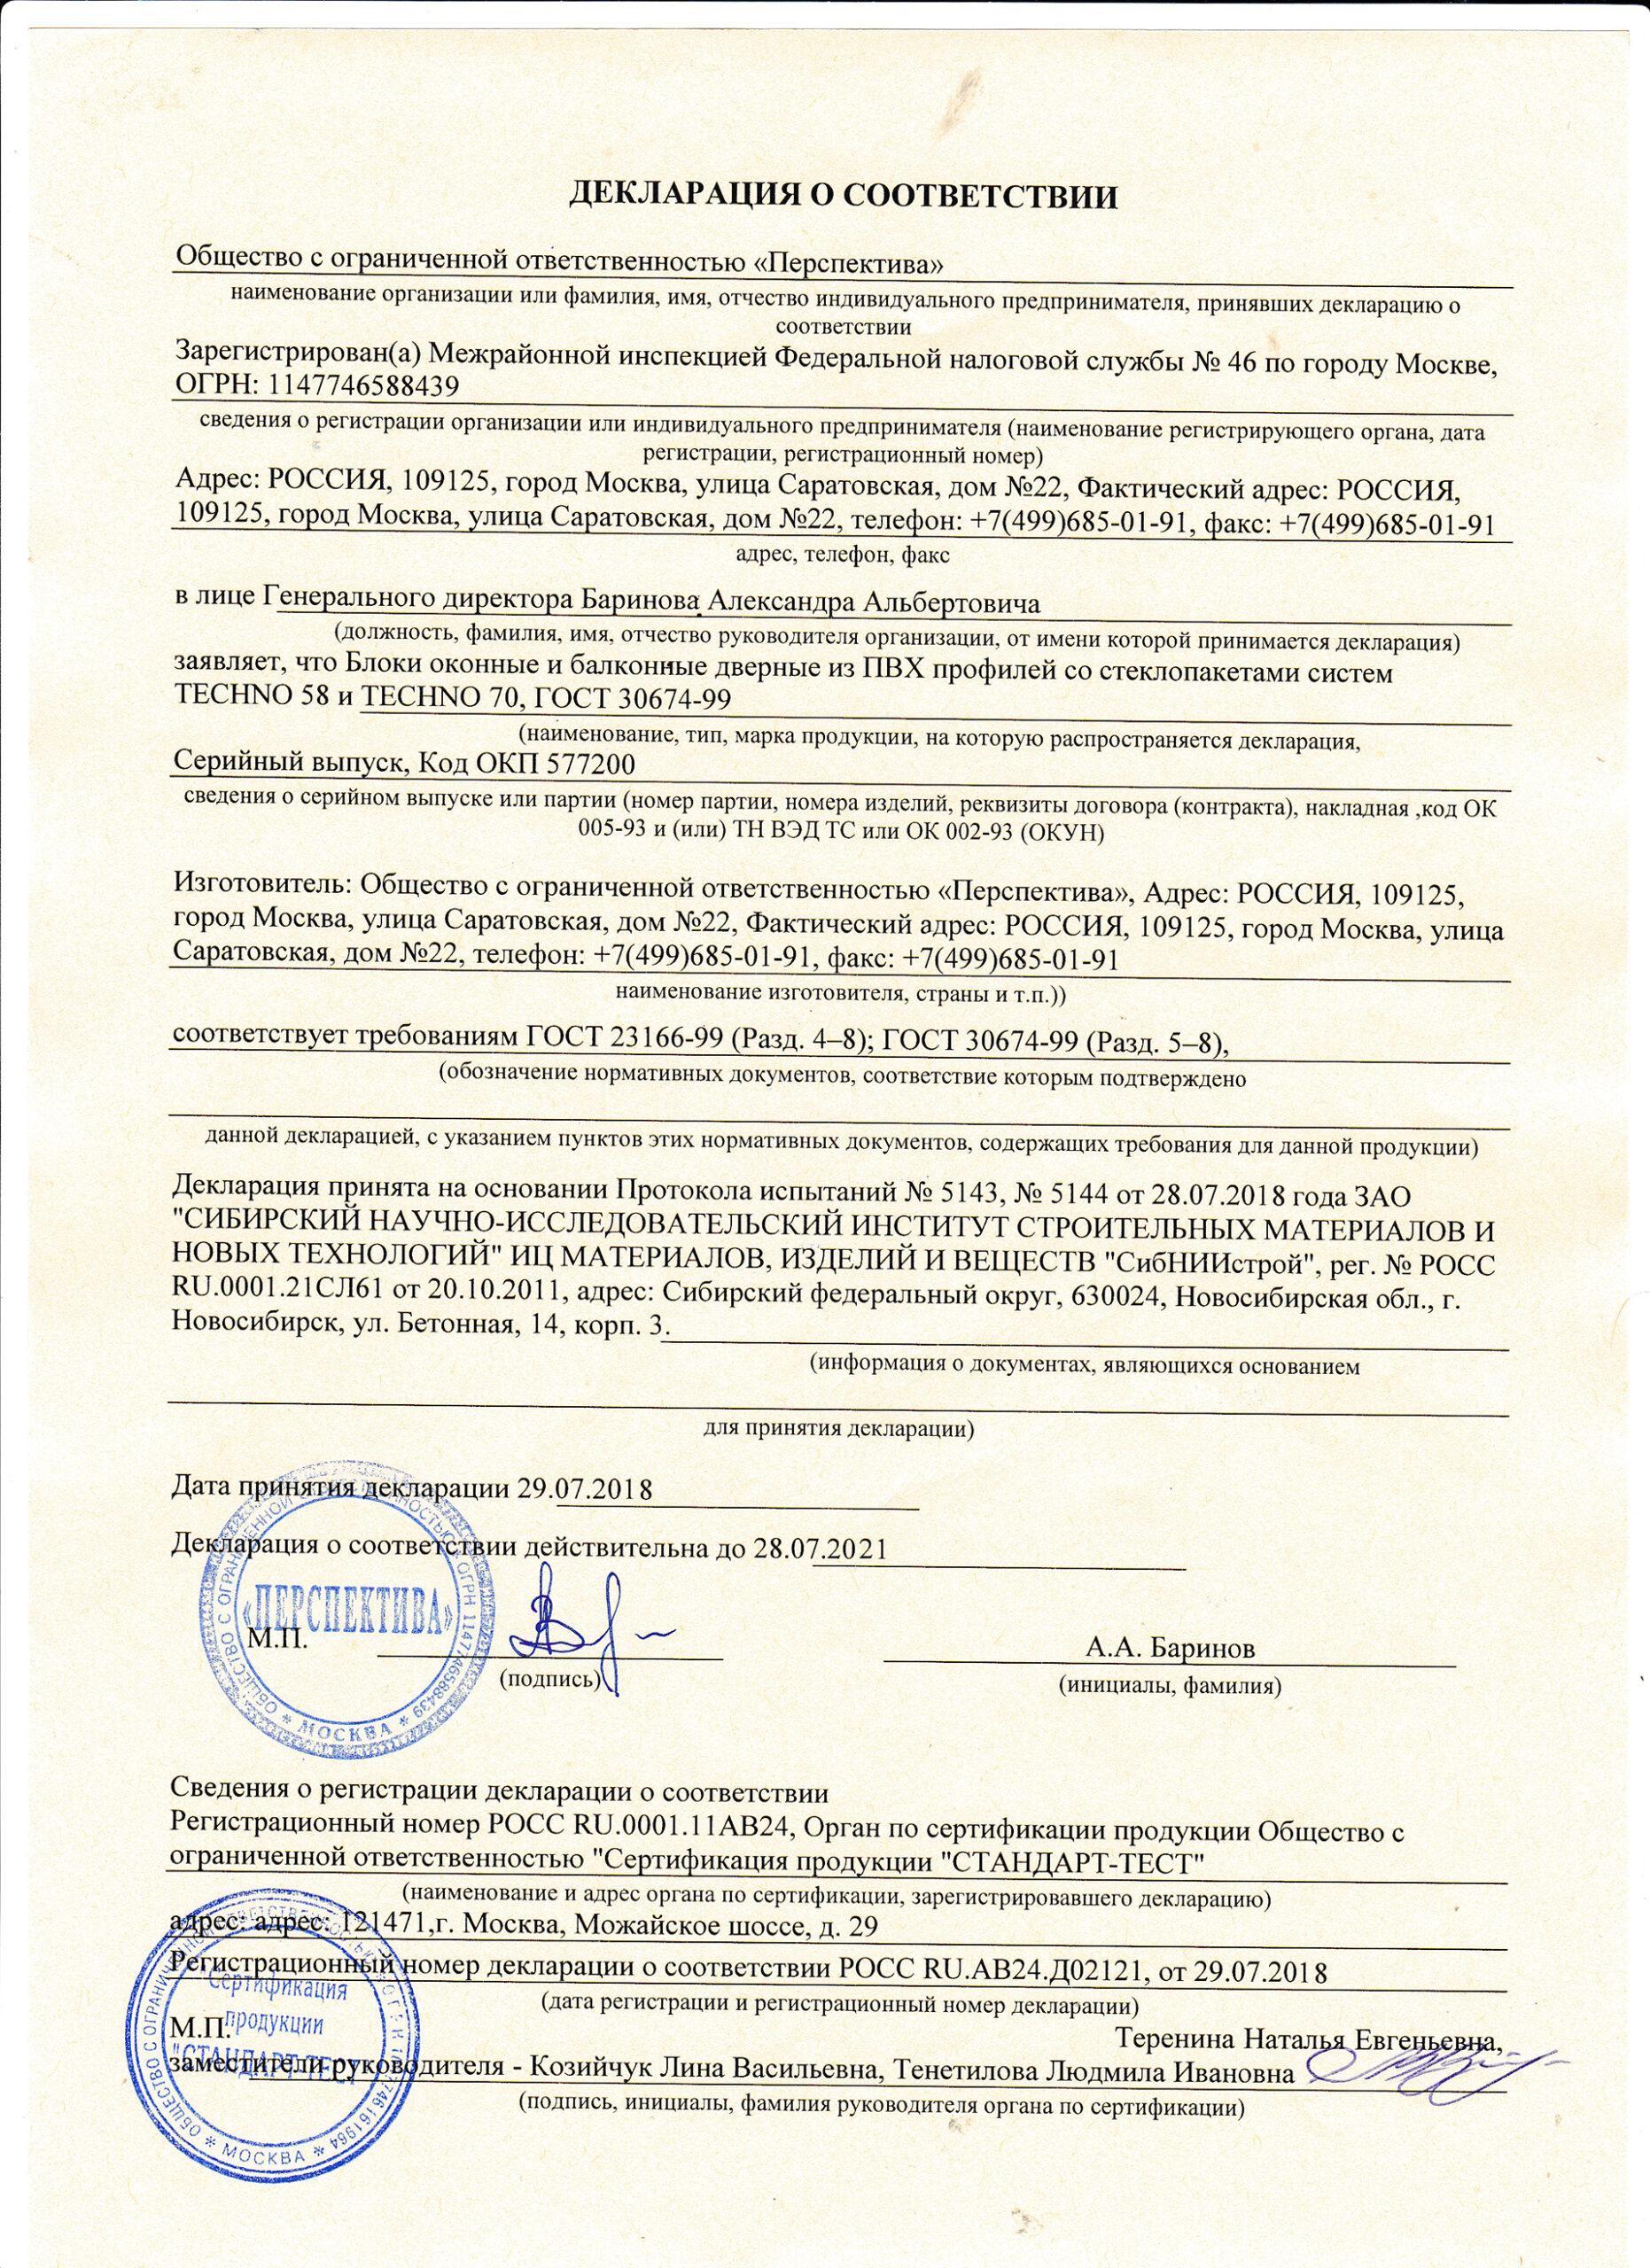 Декларация Новотек Техно 58, 70 до 07.2021